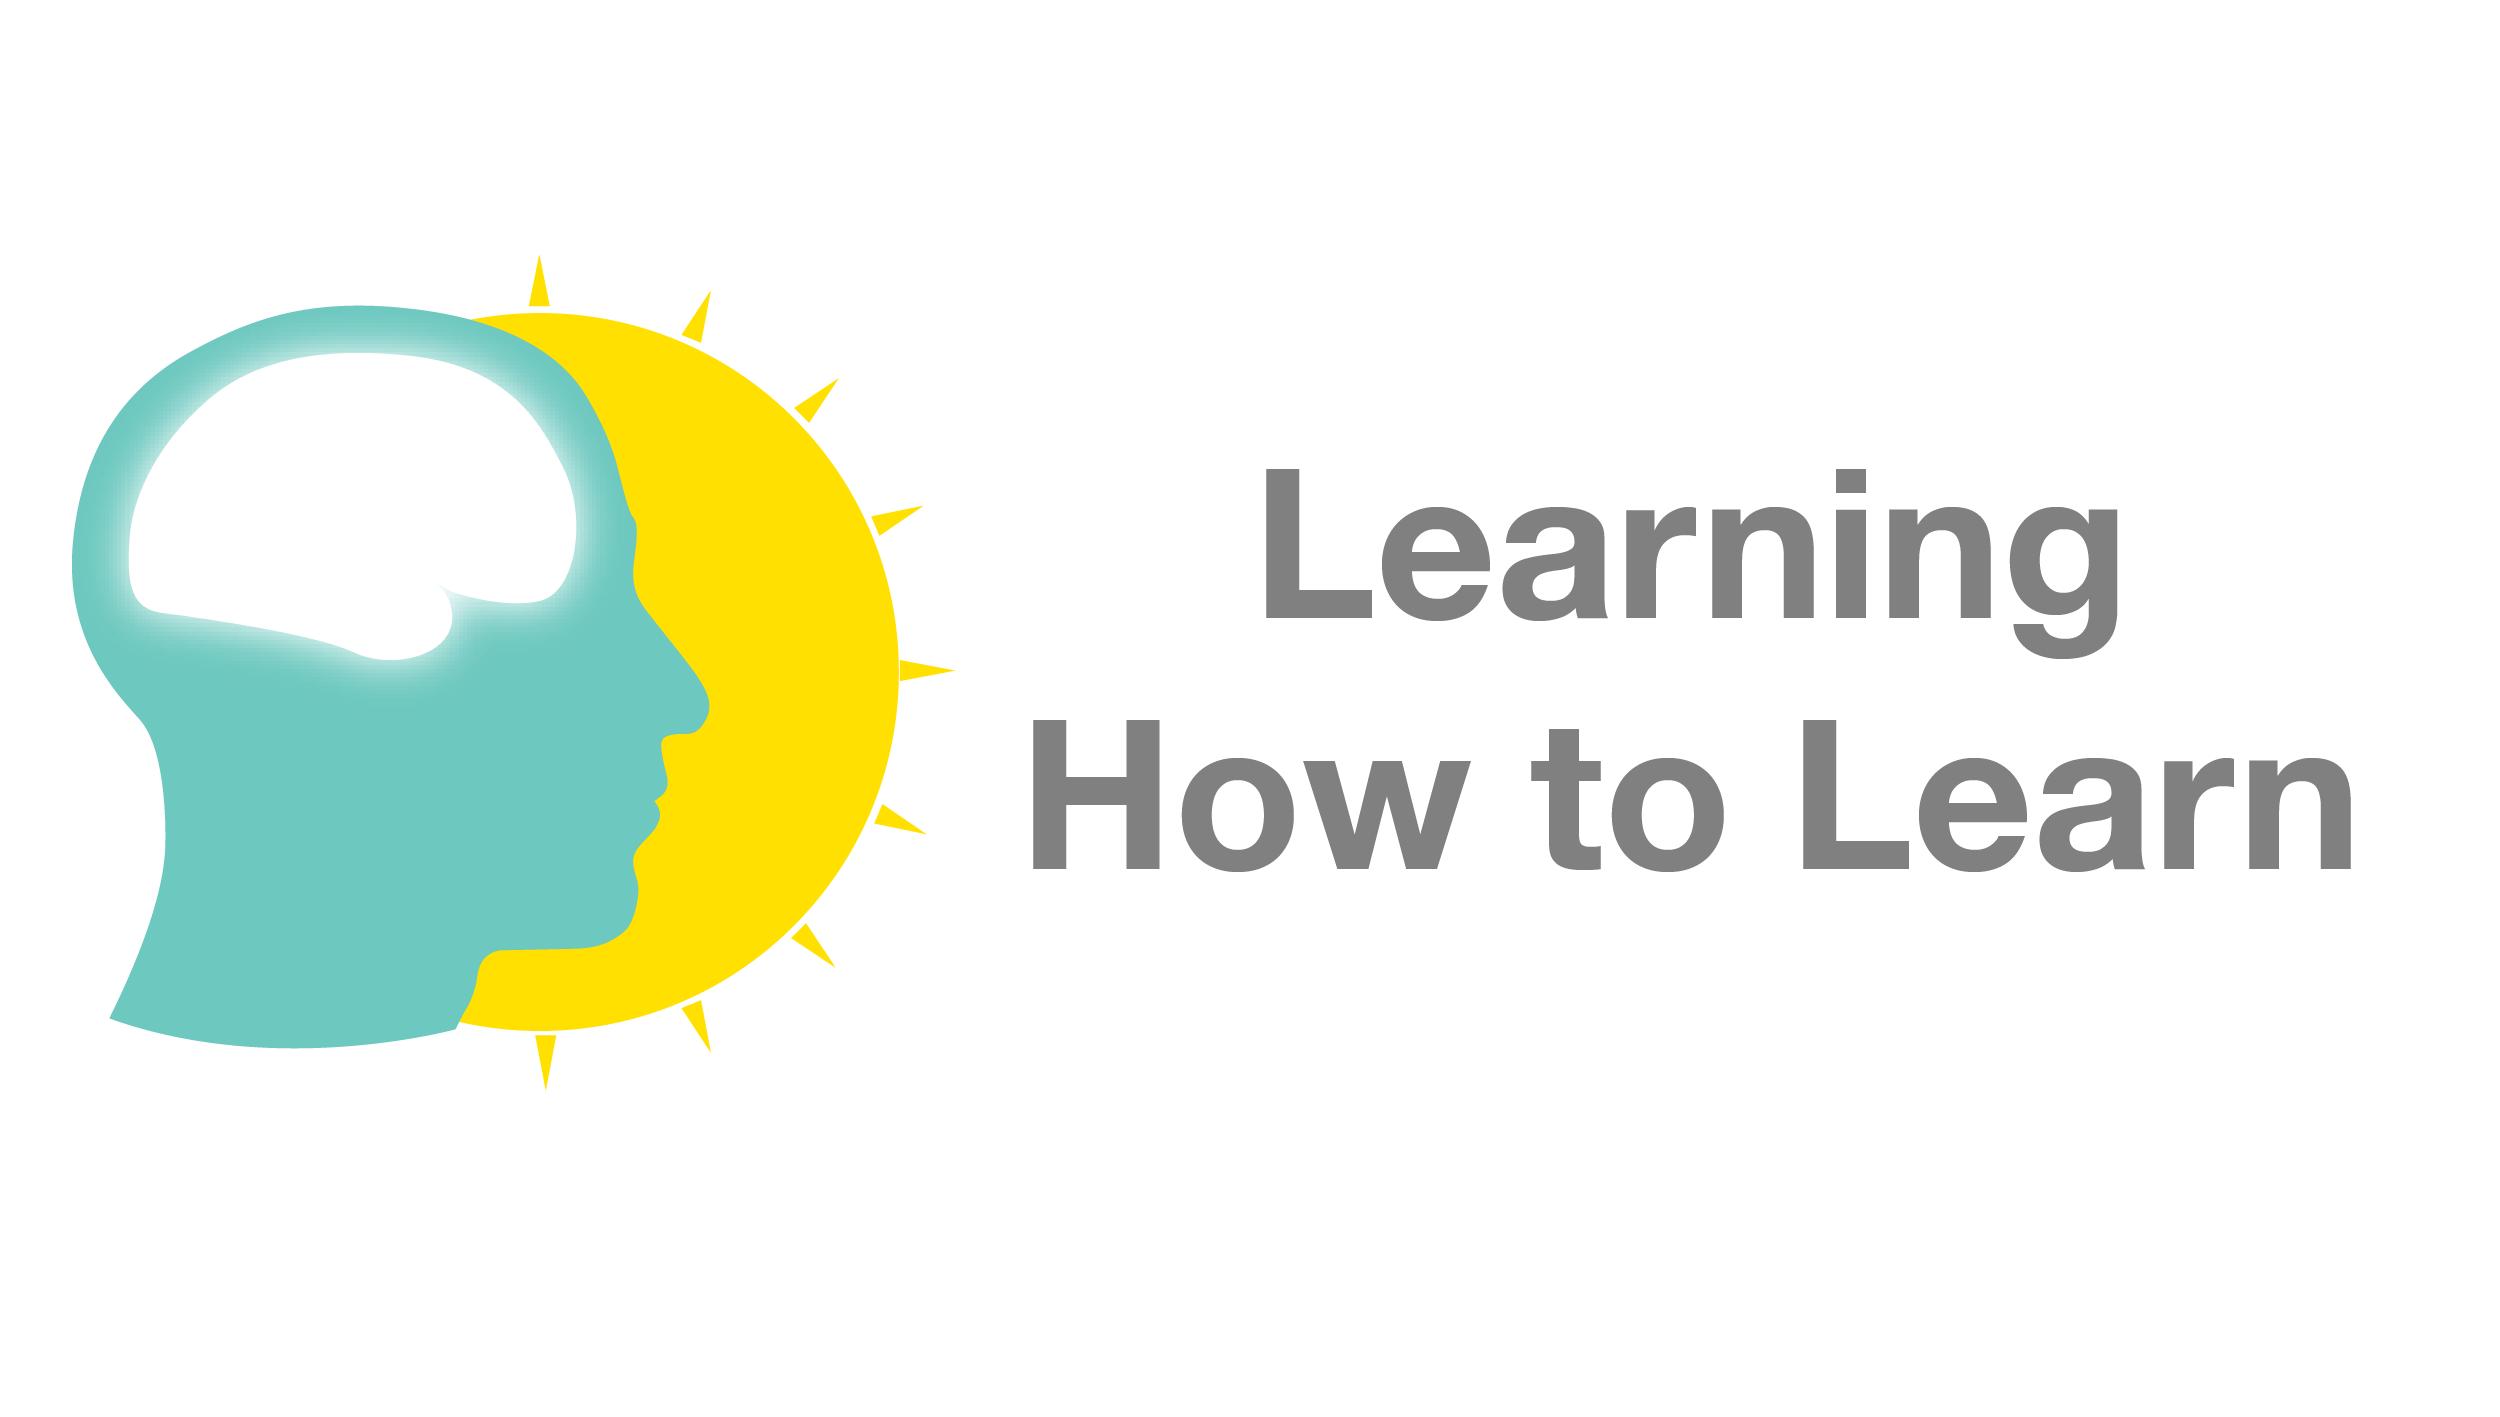 Aprendiendo a aprender: Poderosas herramientas mentales con las que podrás dominar temas difíciles (Learning How to Learn) course image